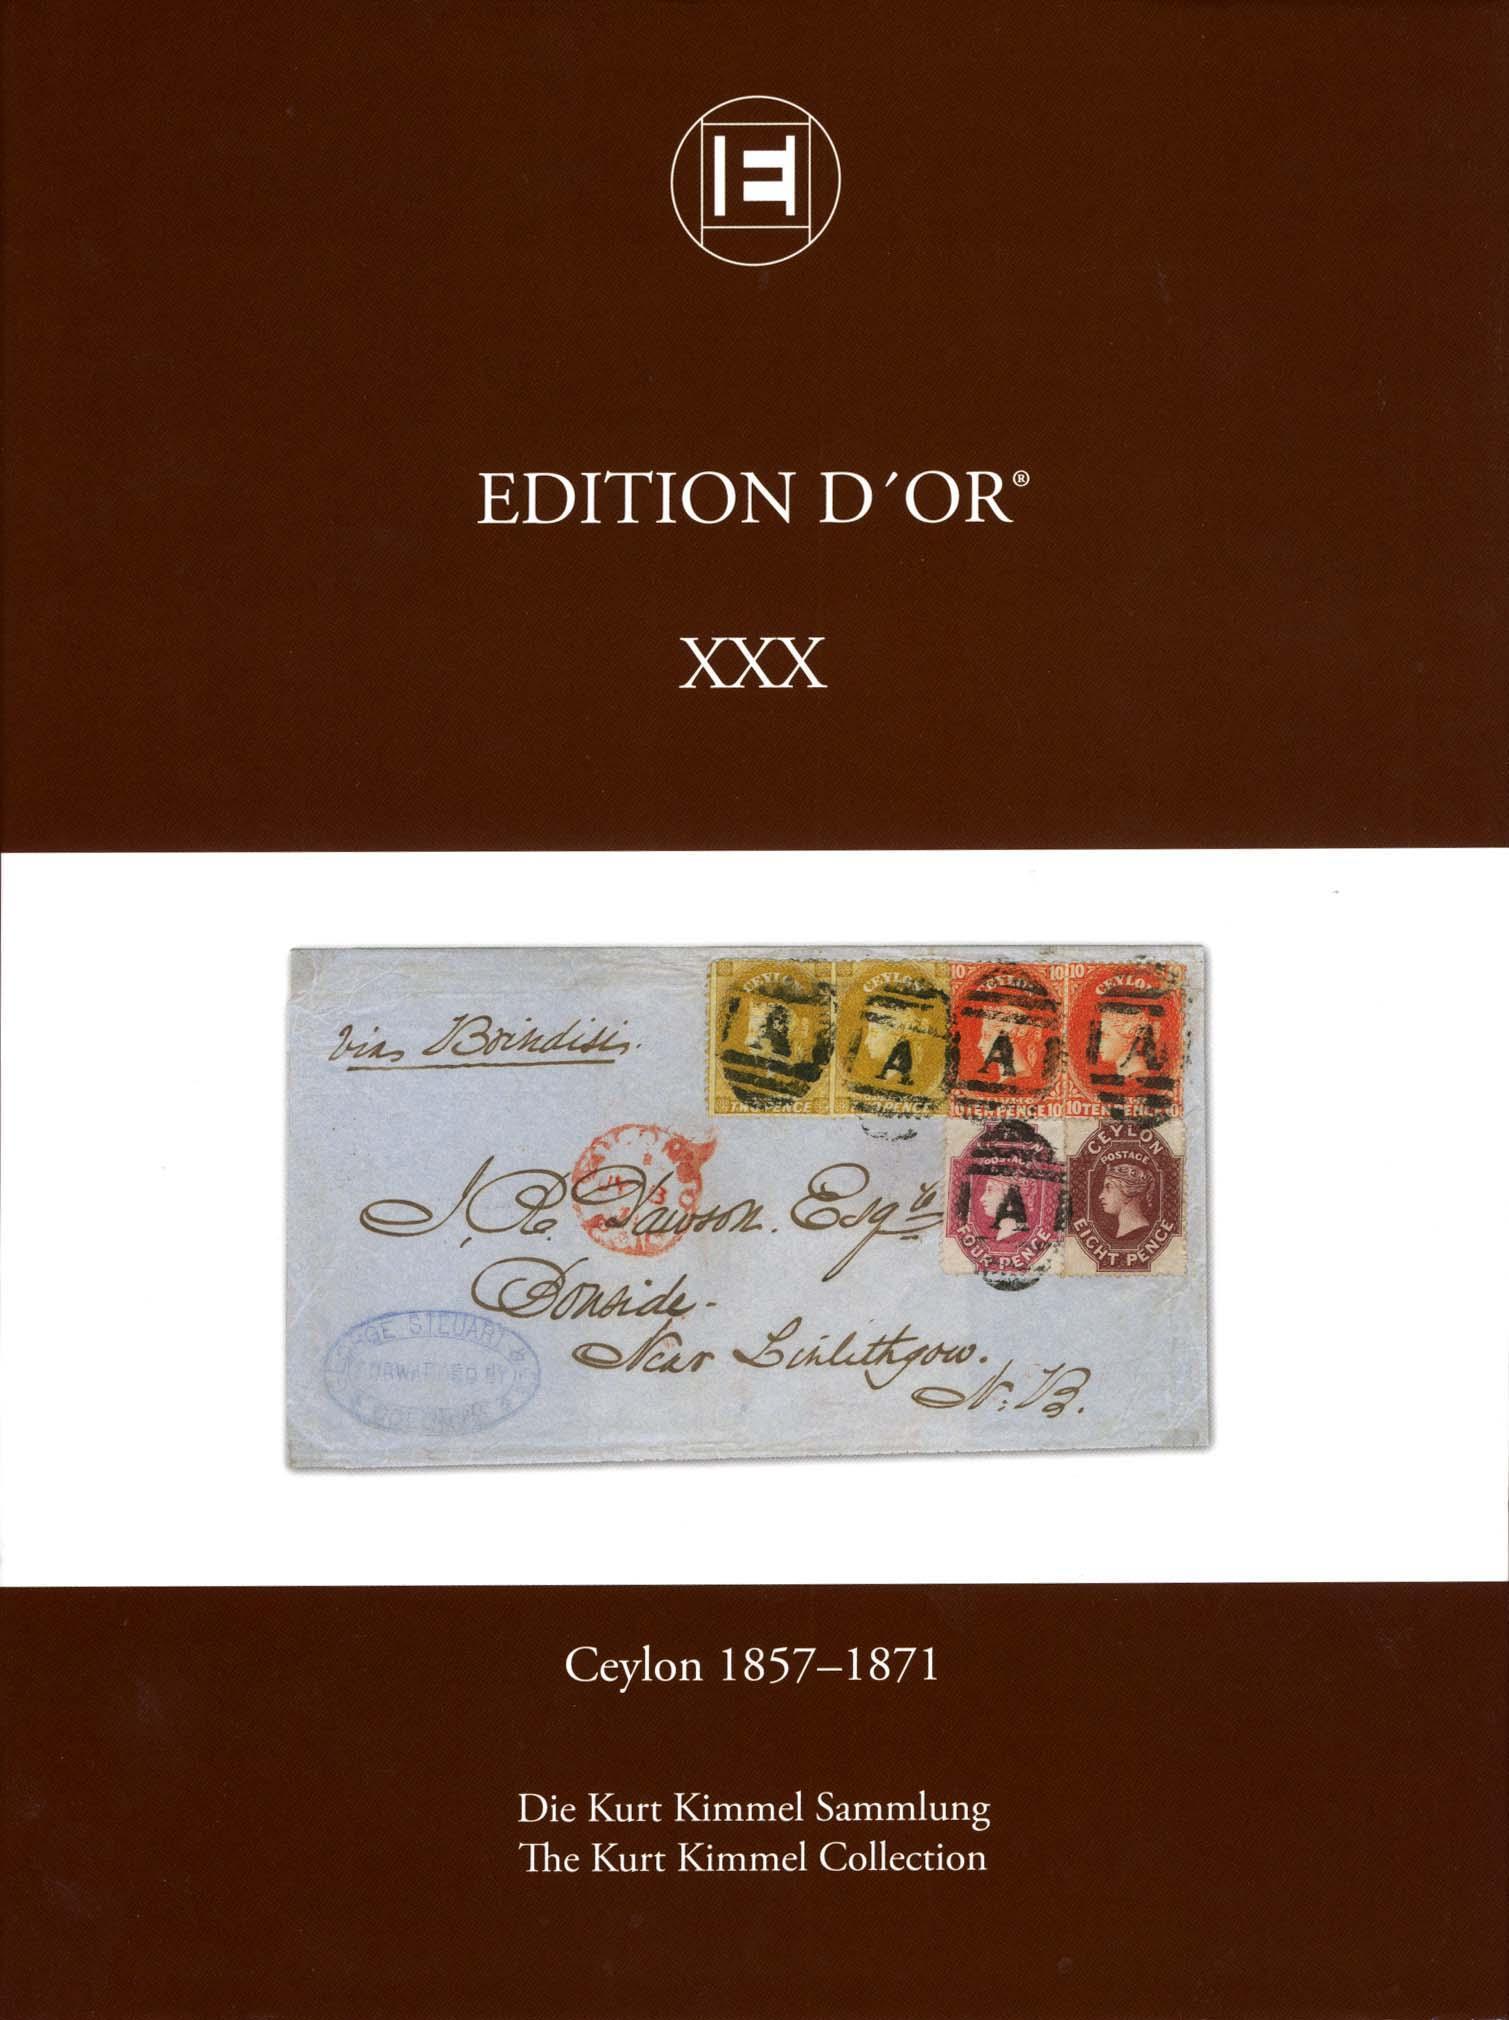 Vol. 30: Ceylon 1857-1871 • The Kurt Kimmel Collection